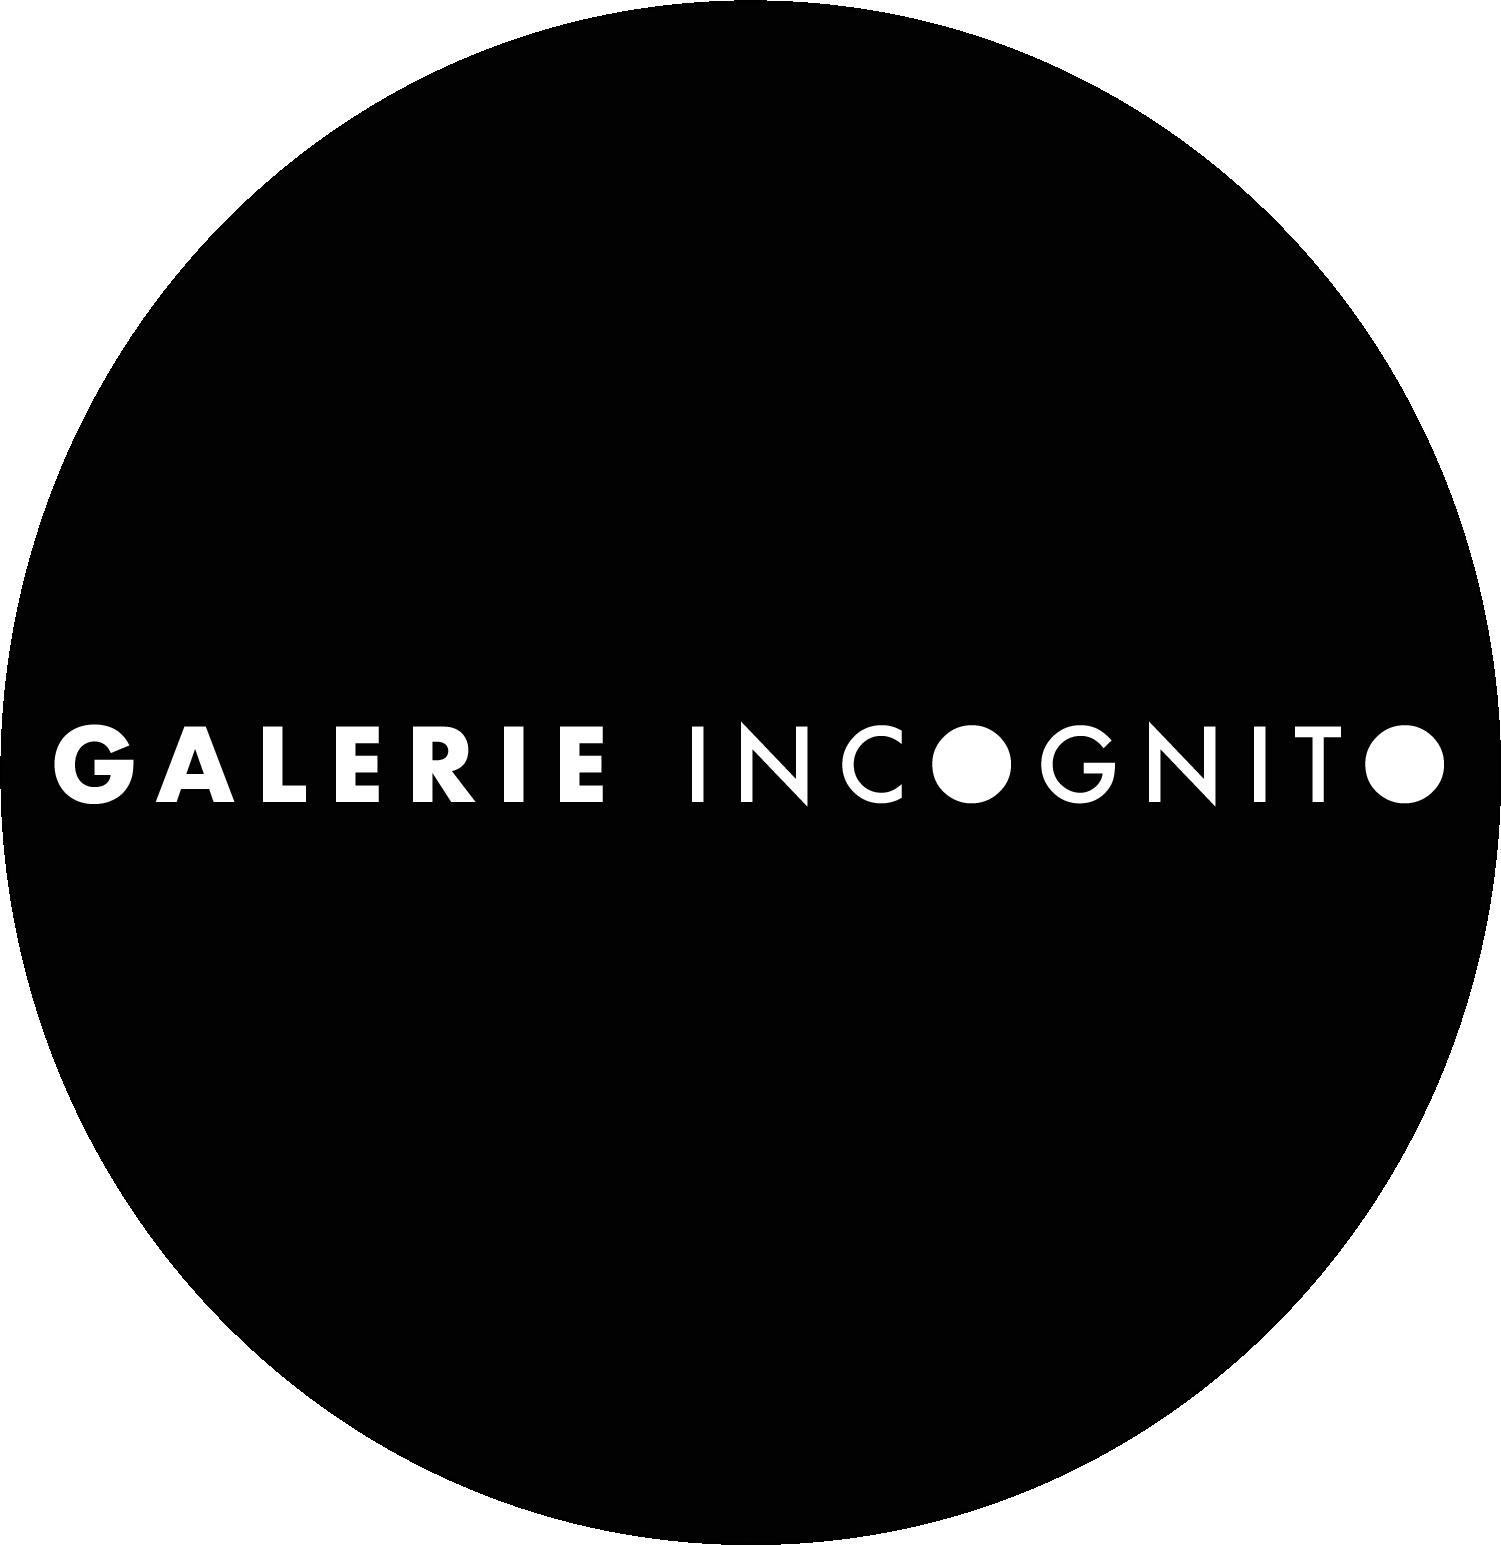 GALERIE INCOGNITO